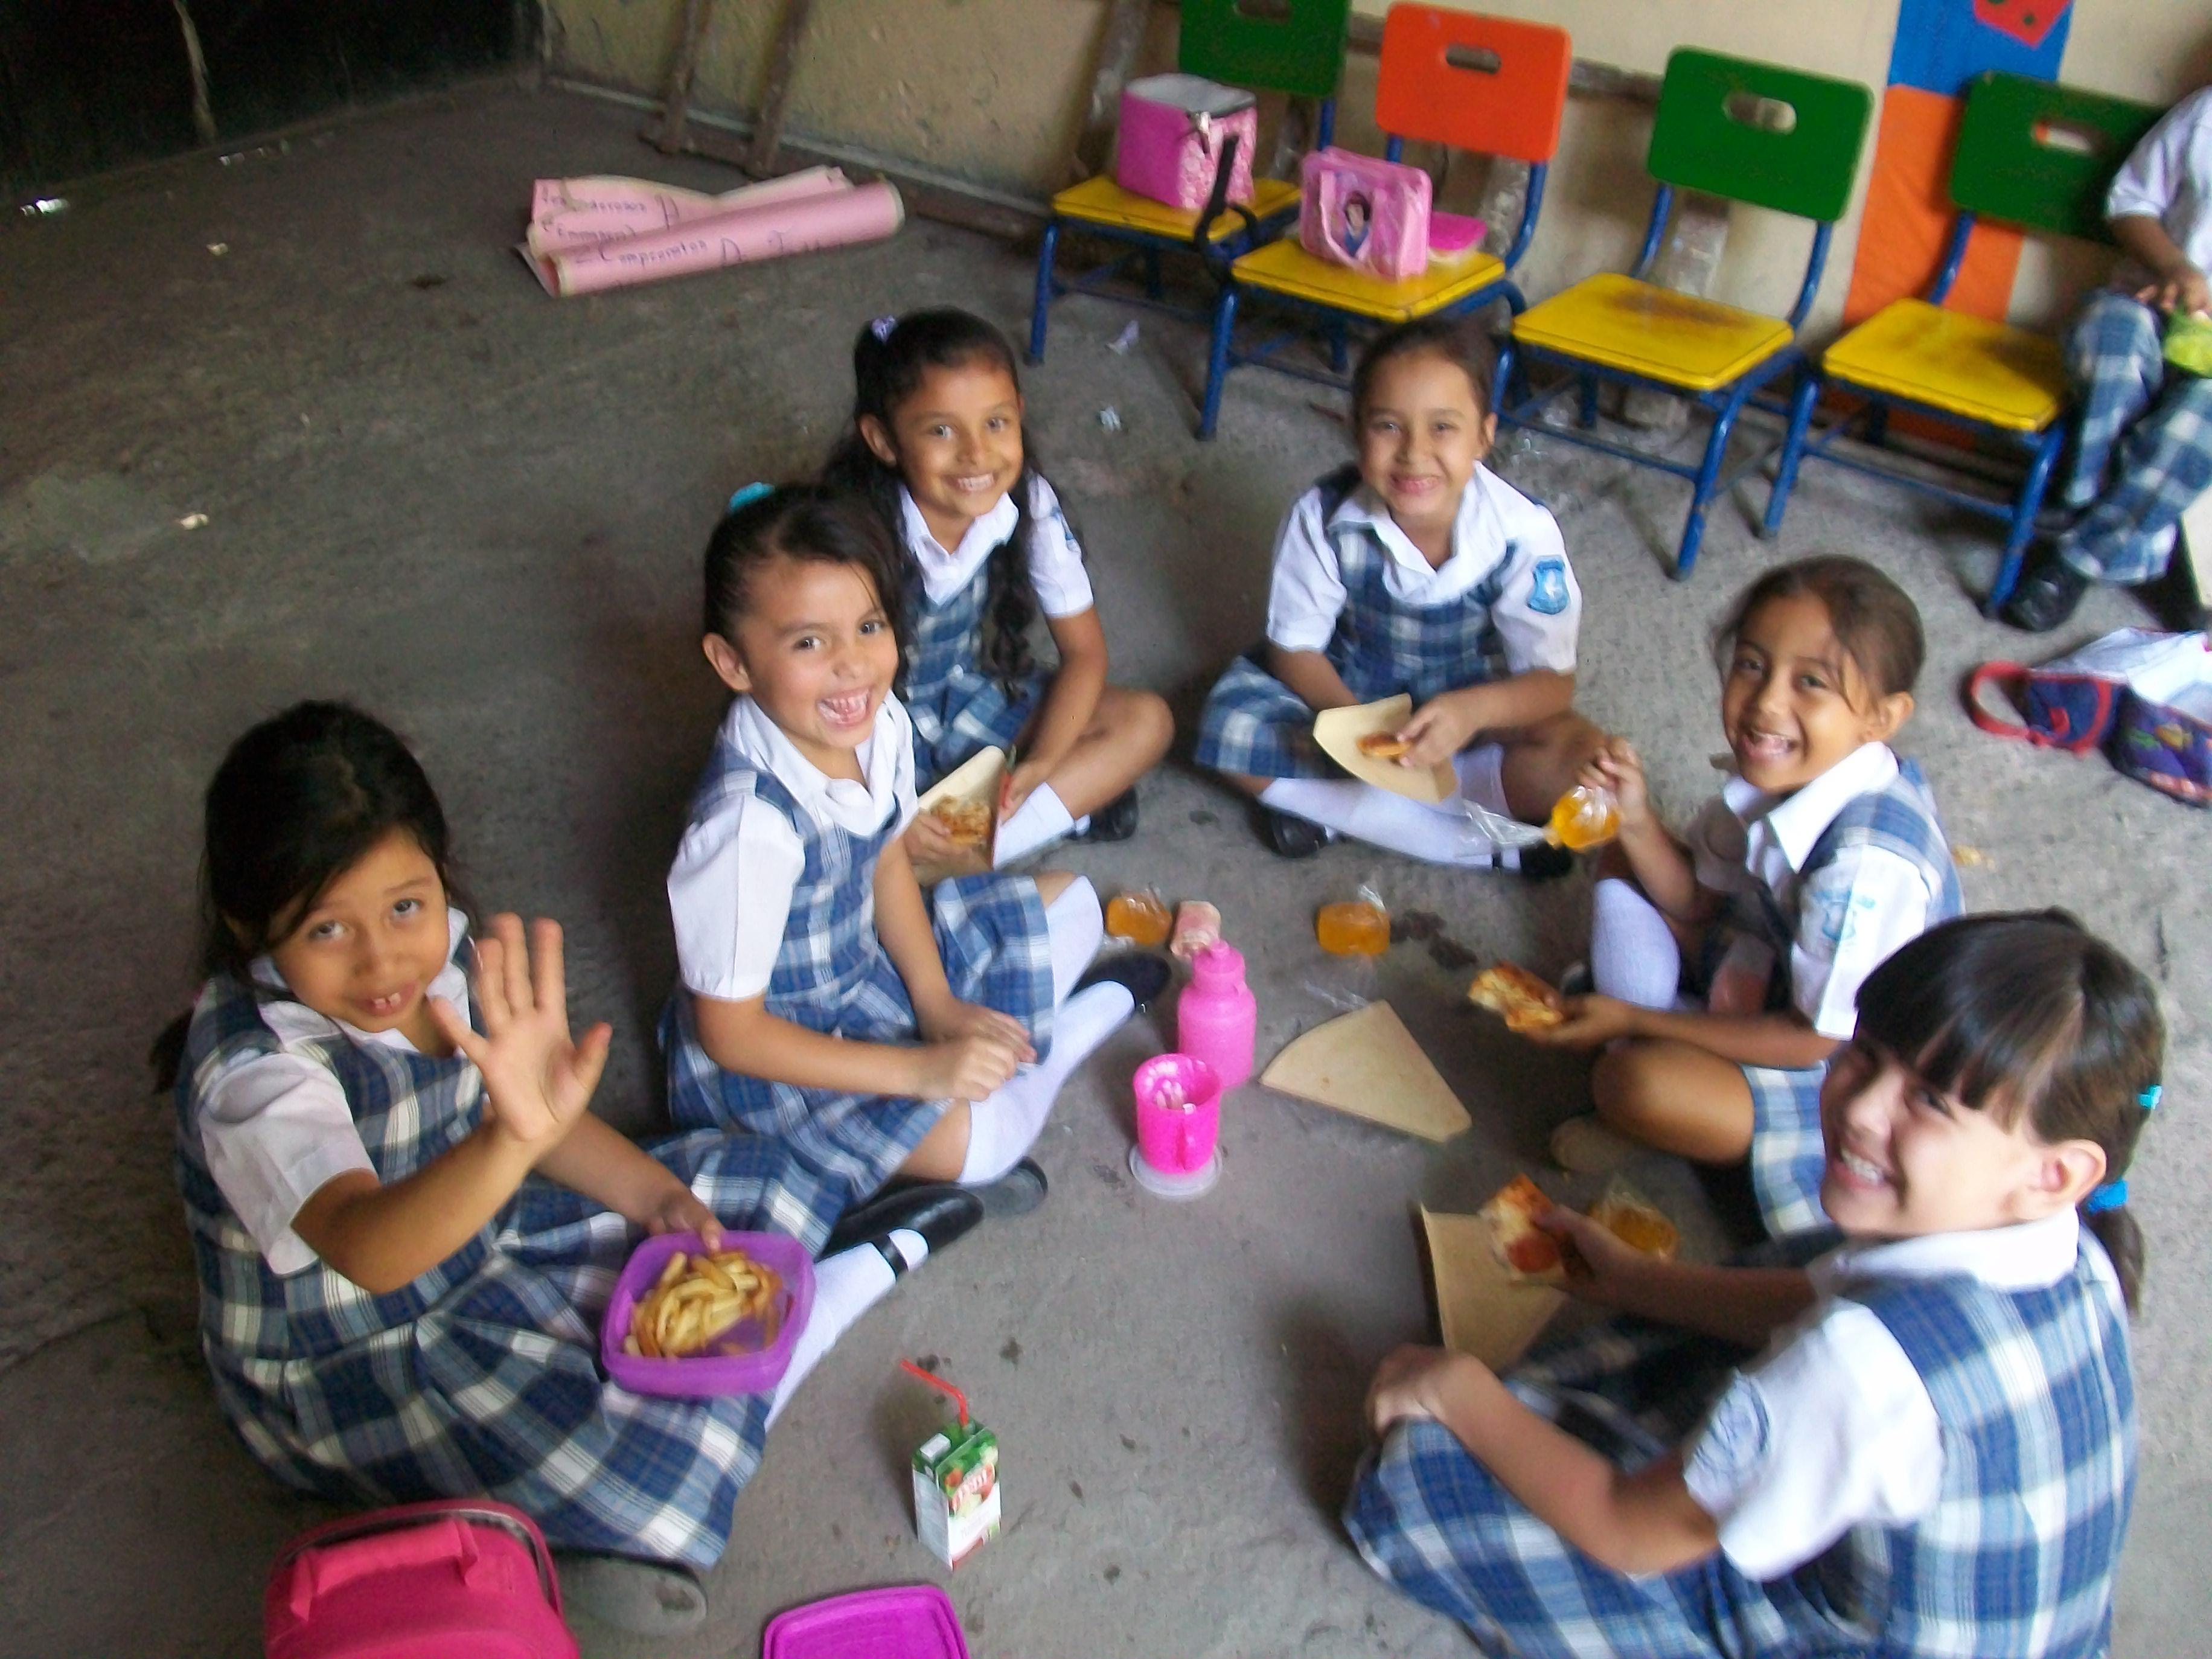 American Schools Vs Honduran Schools A Comparison The